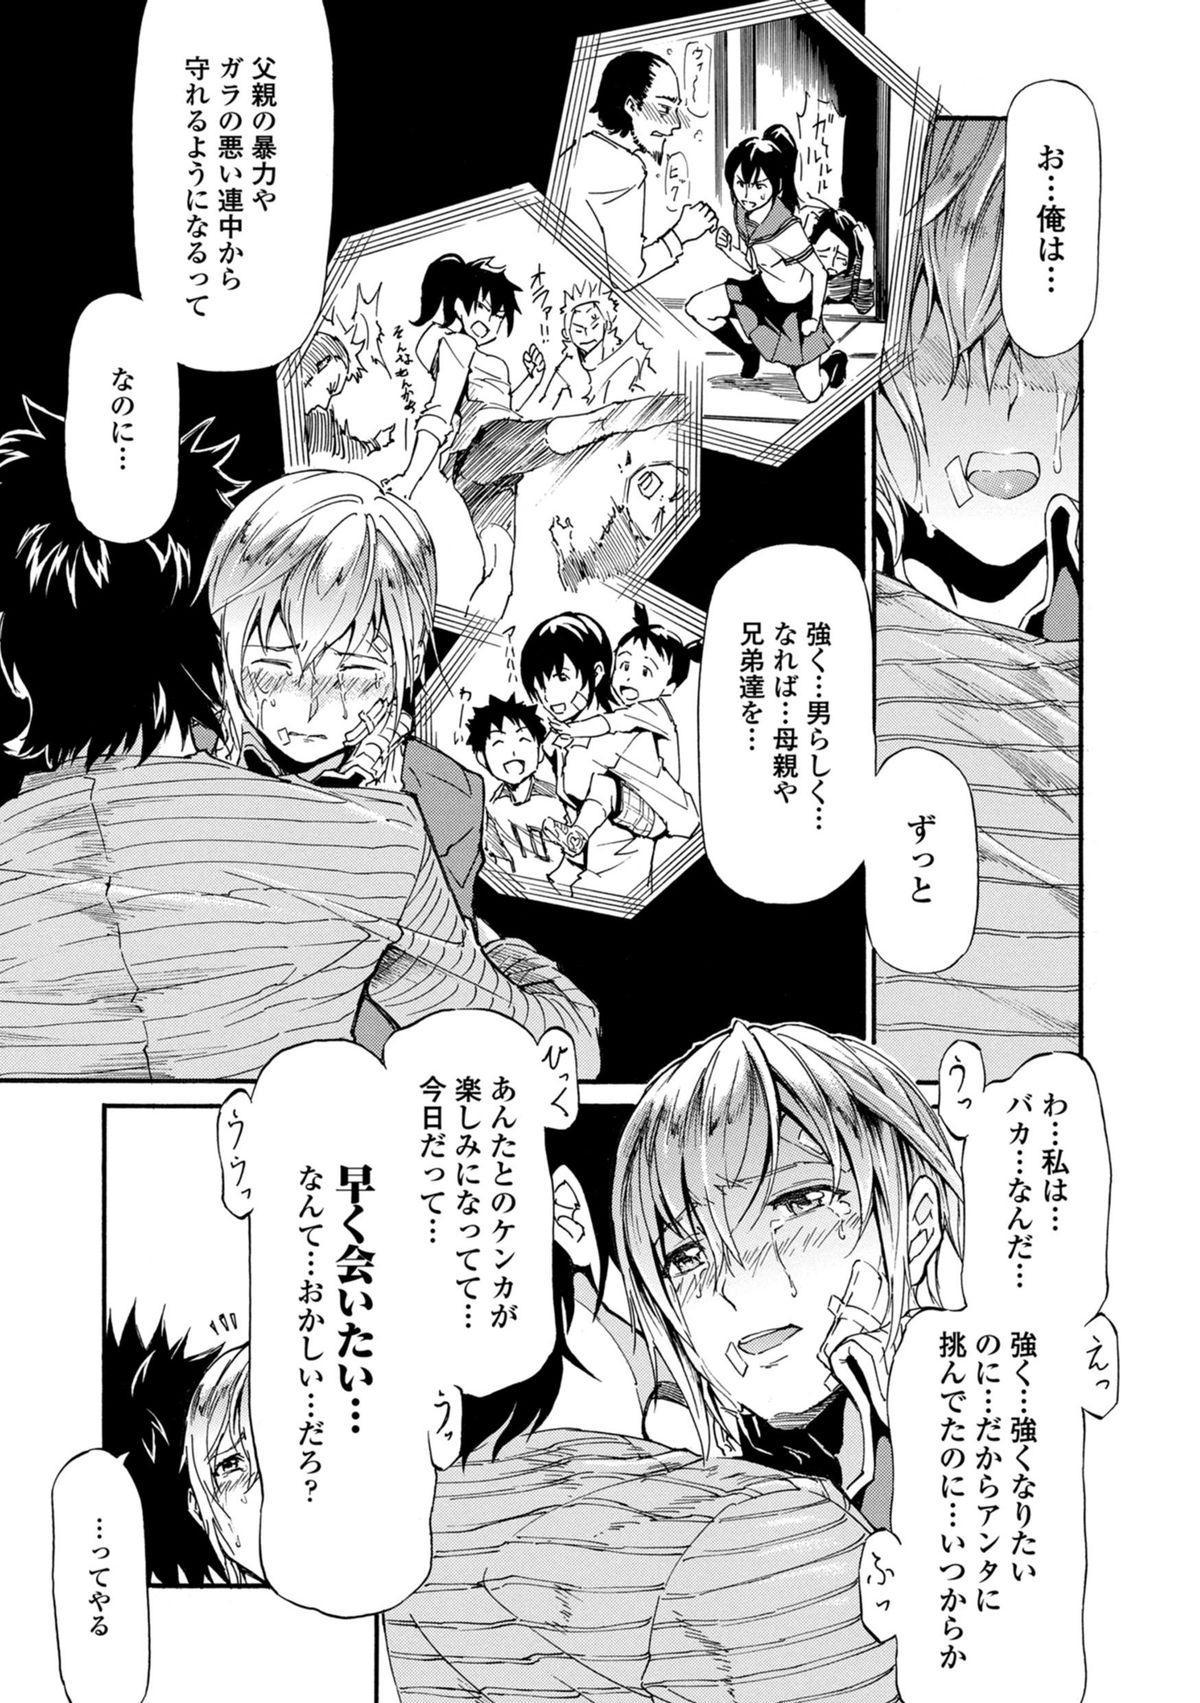 Utsukushisugiru Rival 6